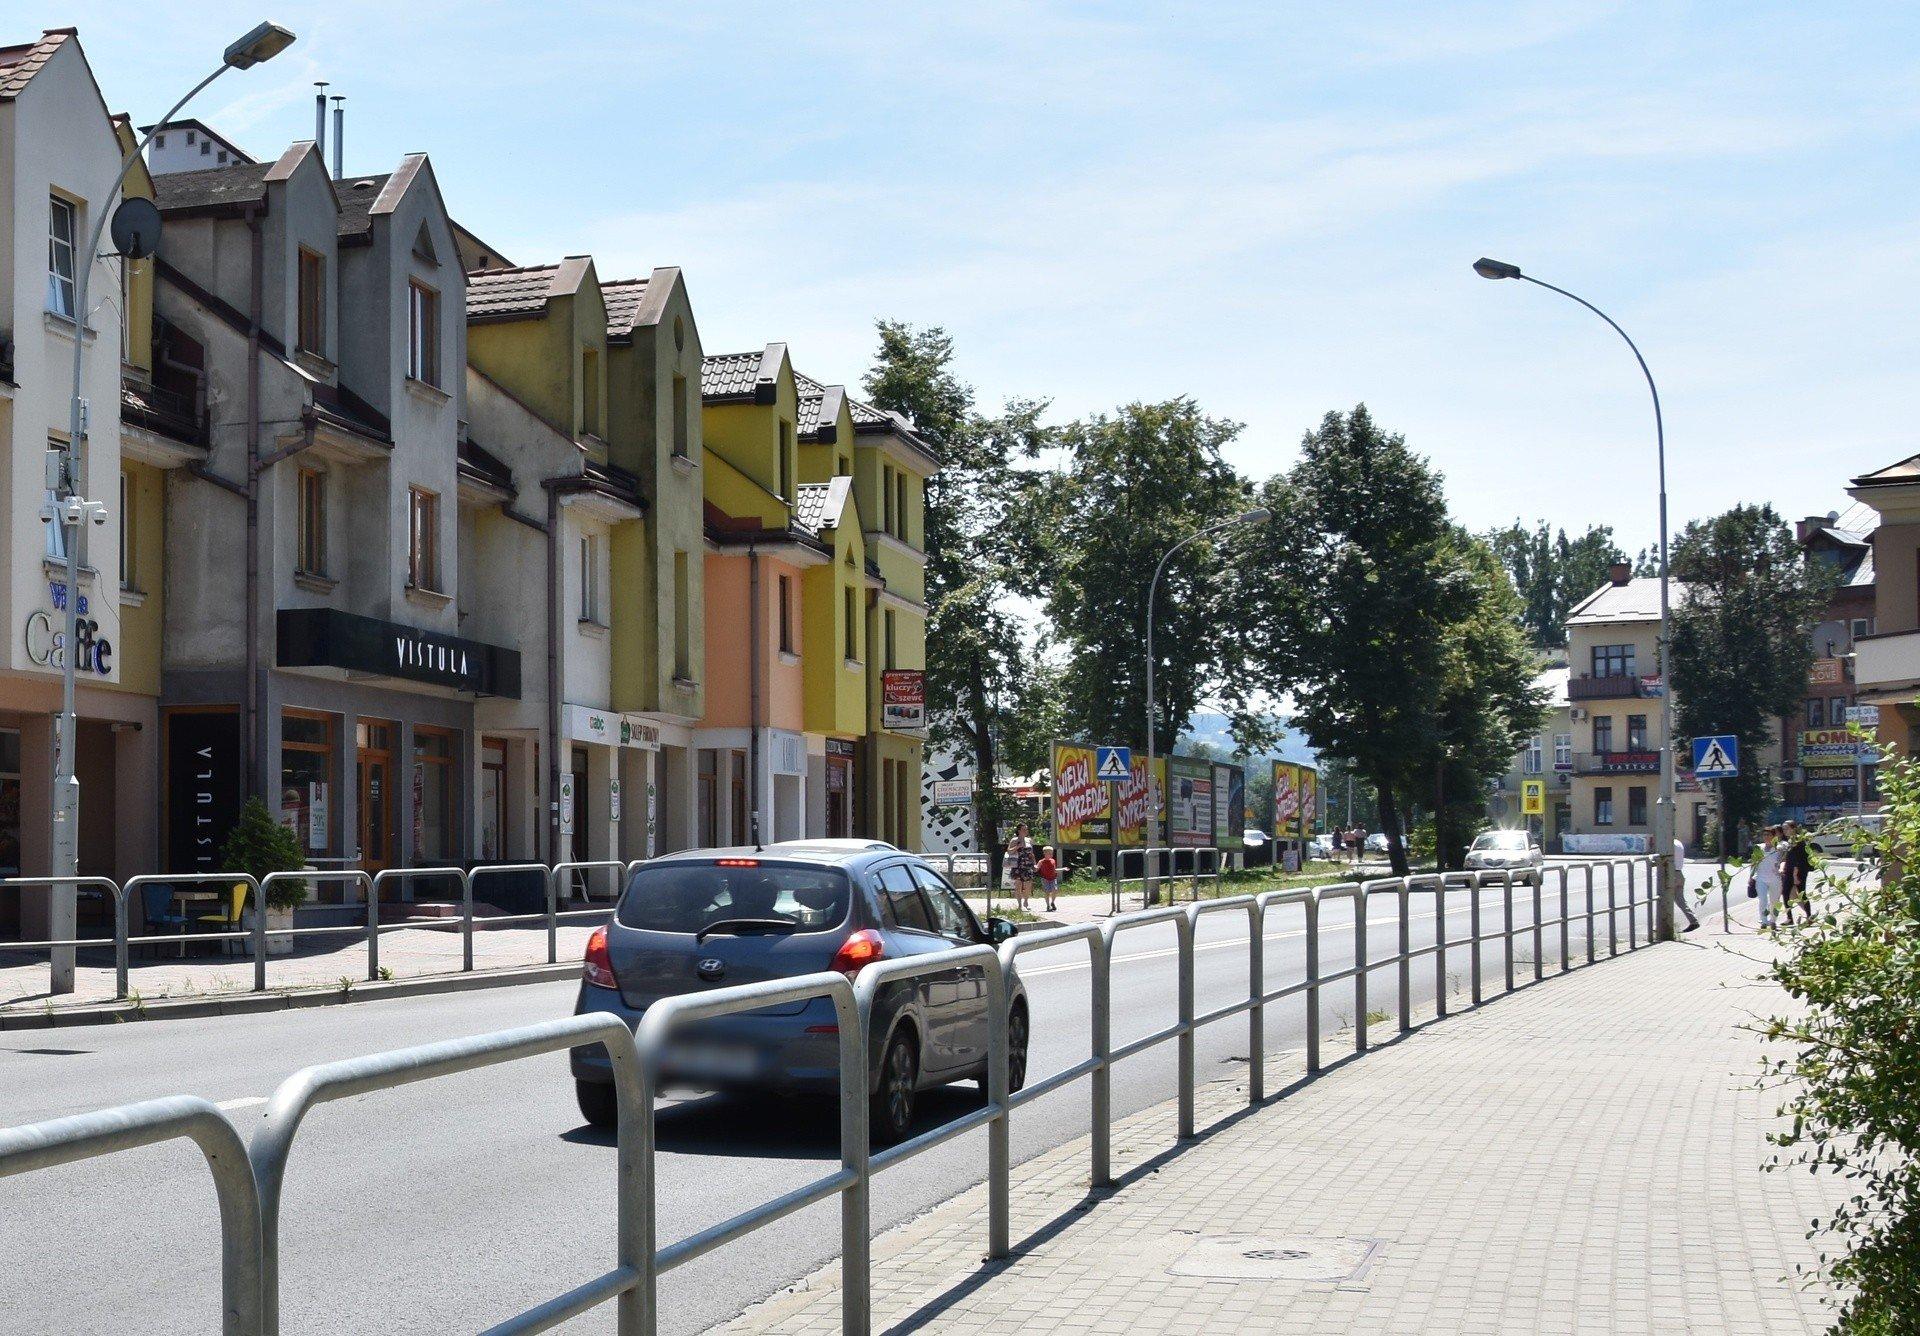 Wyniki wyszukiwania - Lublin - equiposeo.com